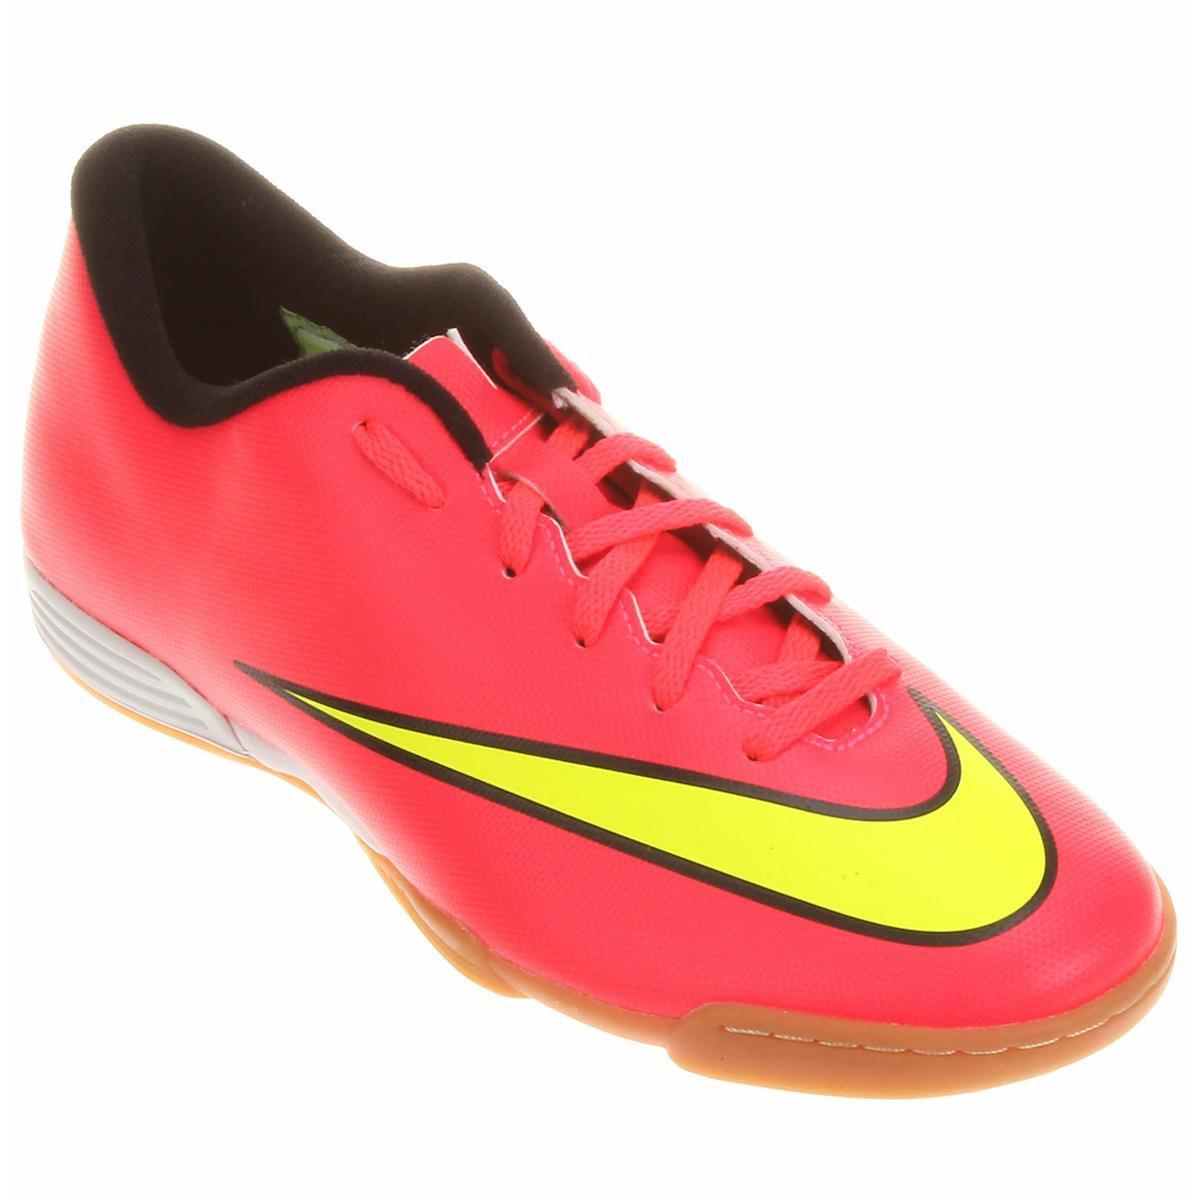 d0055ff746c5f clearance o produto chuteira futsal nike mercurial vortex 2 ic masculina  rosa e amarelo acabou.